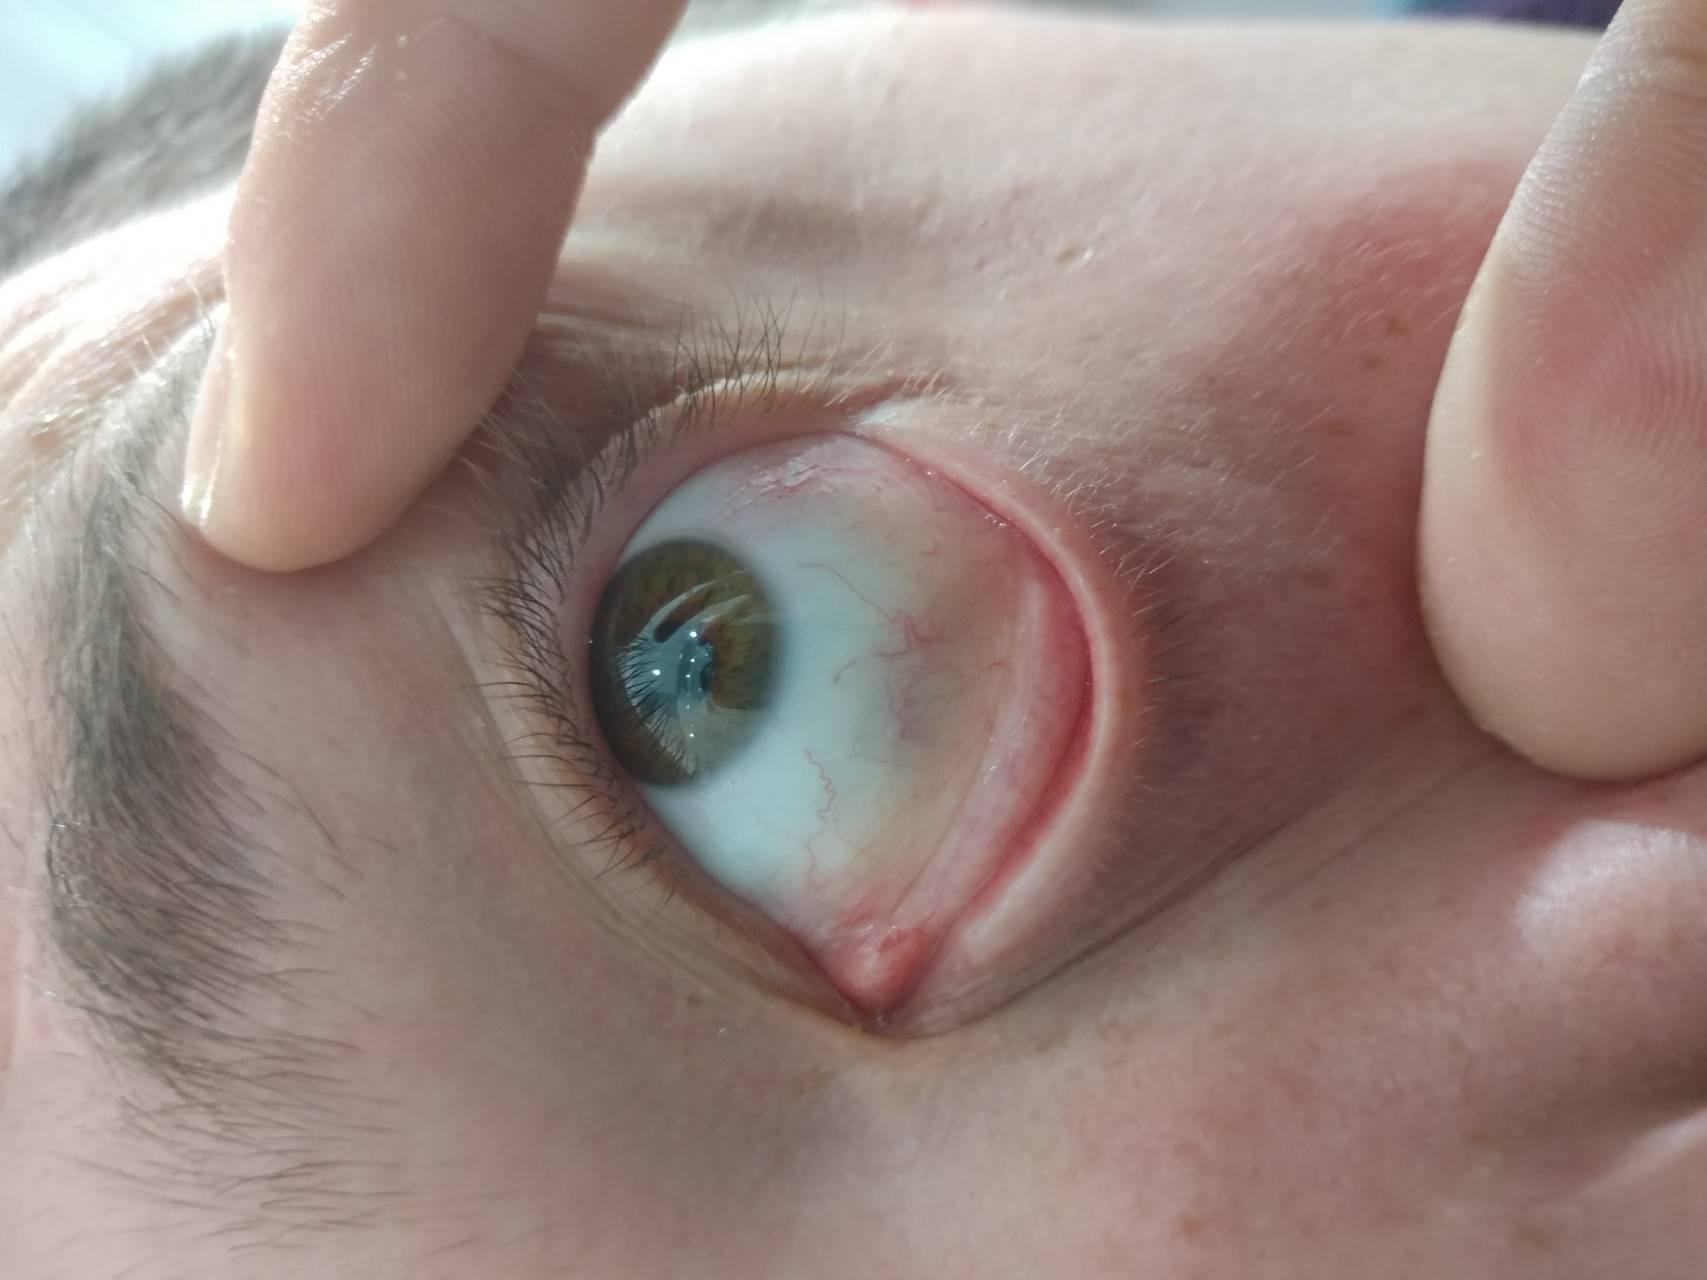 Синие белки глаз причины. из-за чего бывают голубыми белки глаз? симптомы, диагностика и лечение